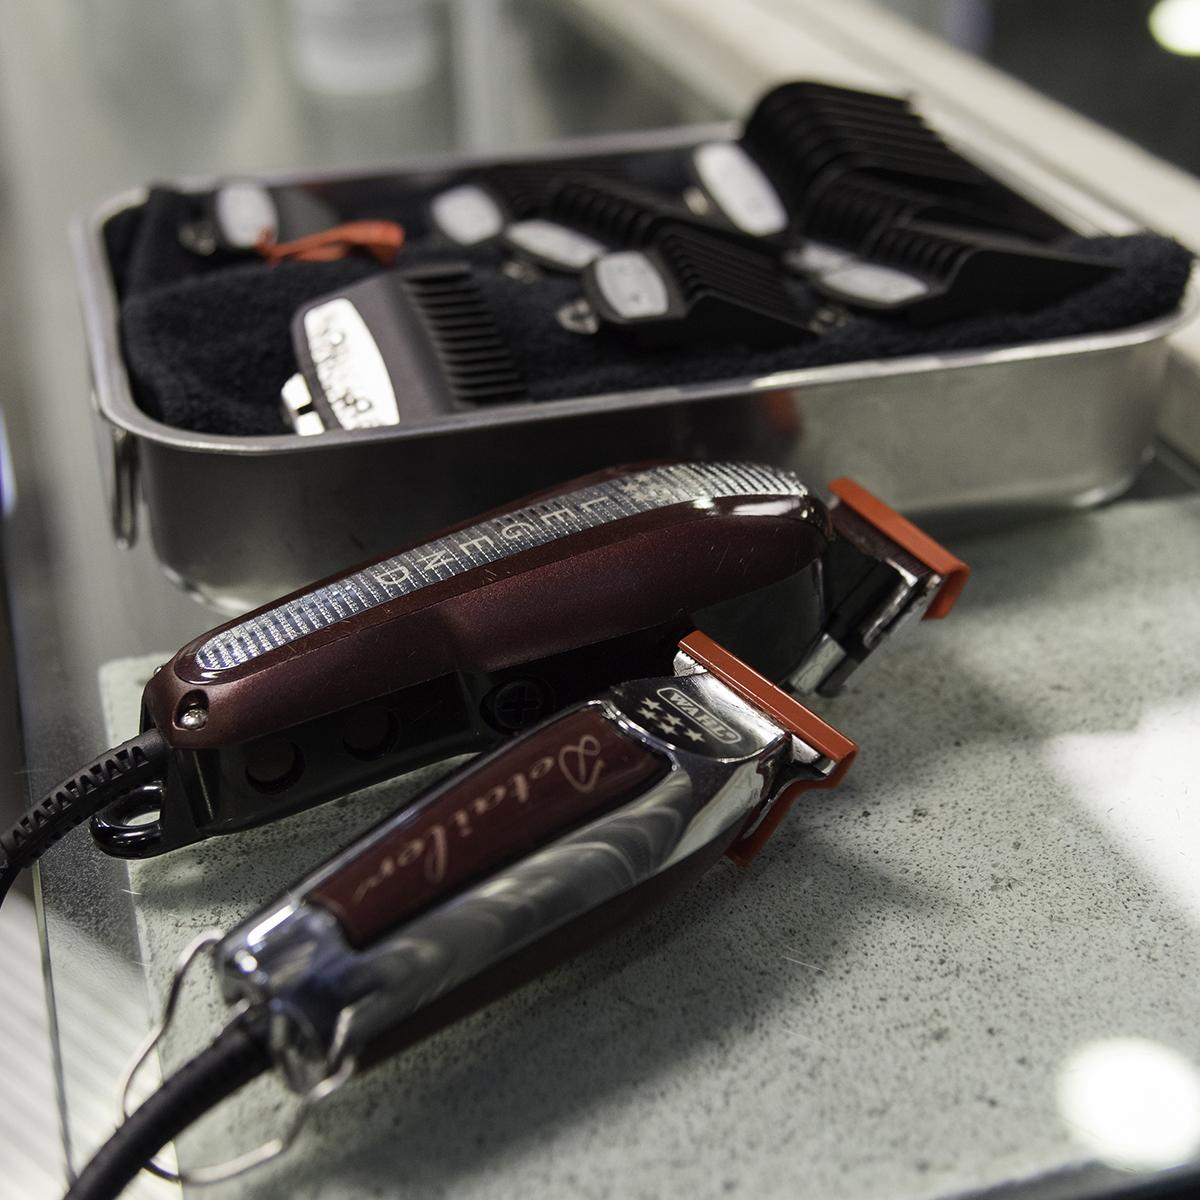 salon-de-coiffure-franchise-groupe-ppd-nouvel-hair-lhomme-06